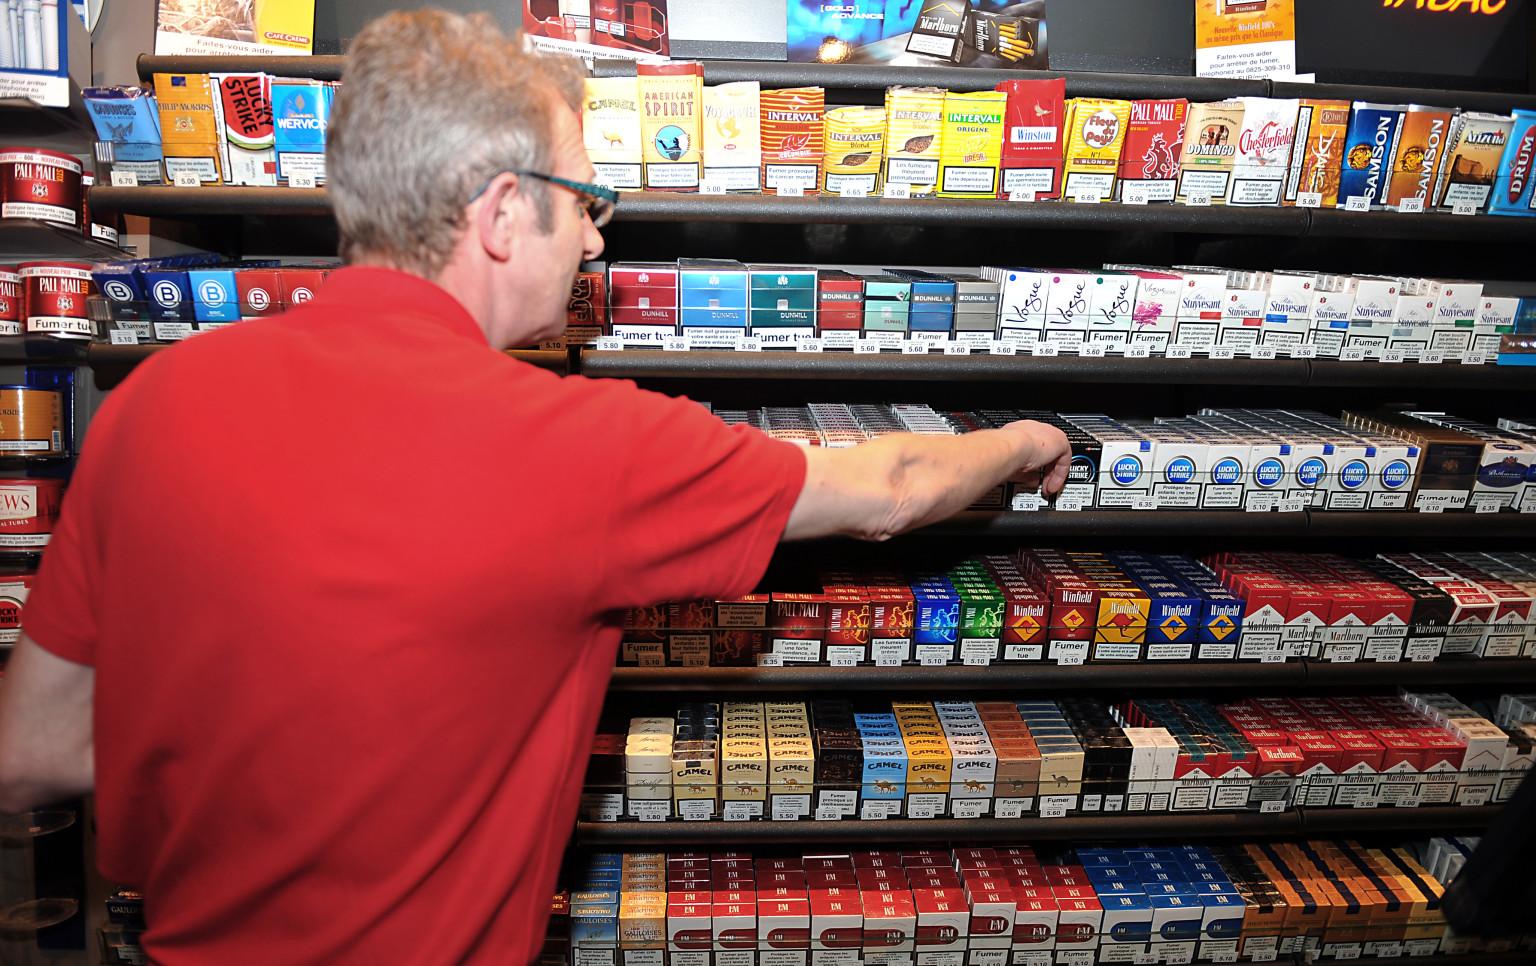 le rapport de la cour des comptes critique les aides g 233 n 233 reuses aux bureaux de tabac